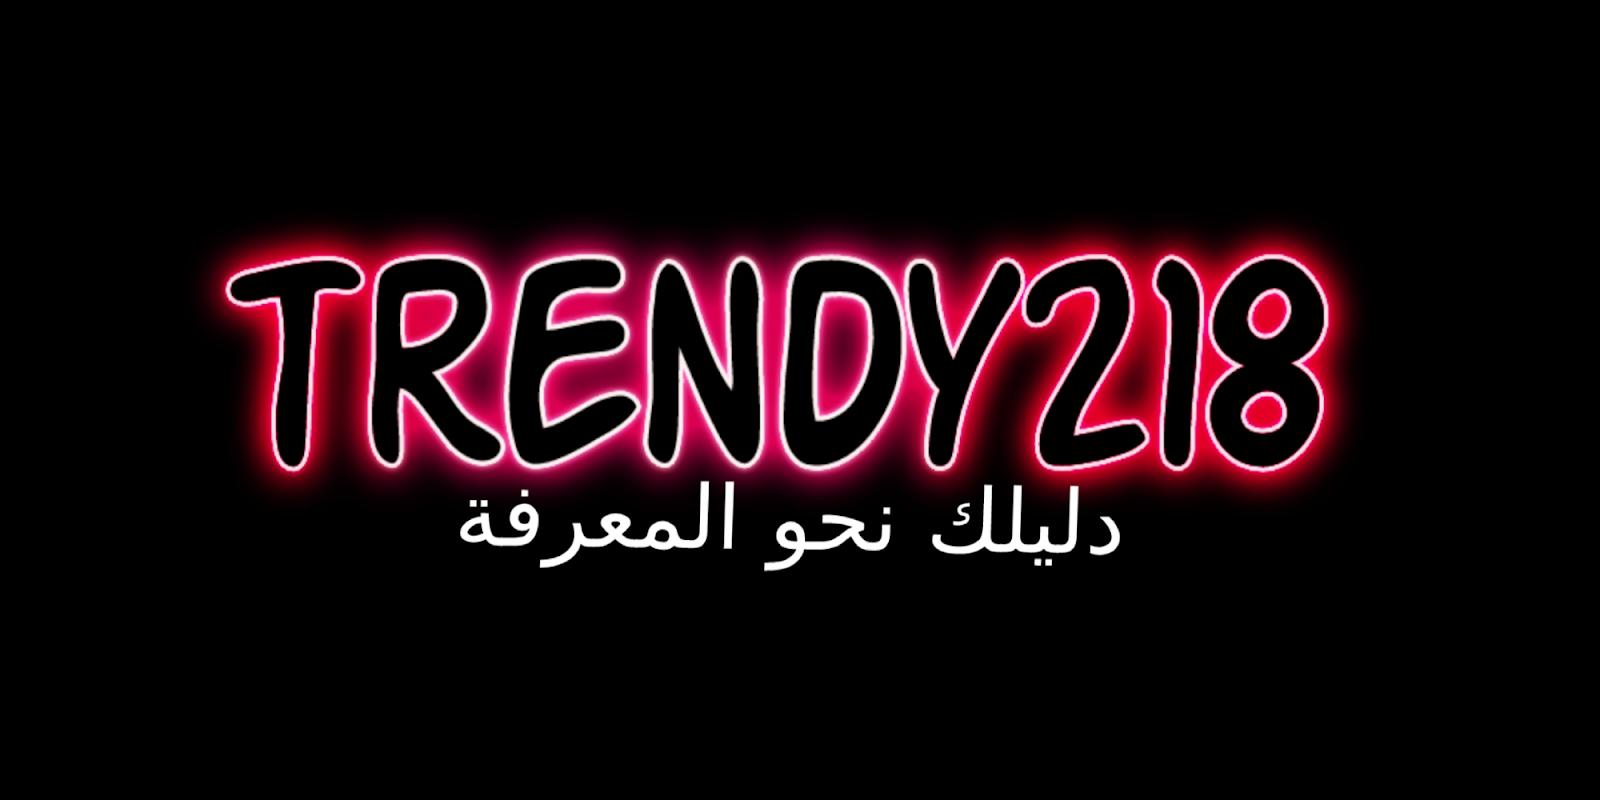 trendy218